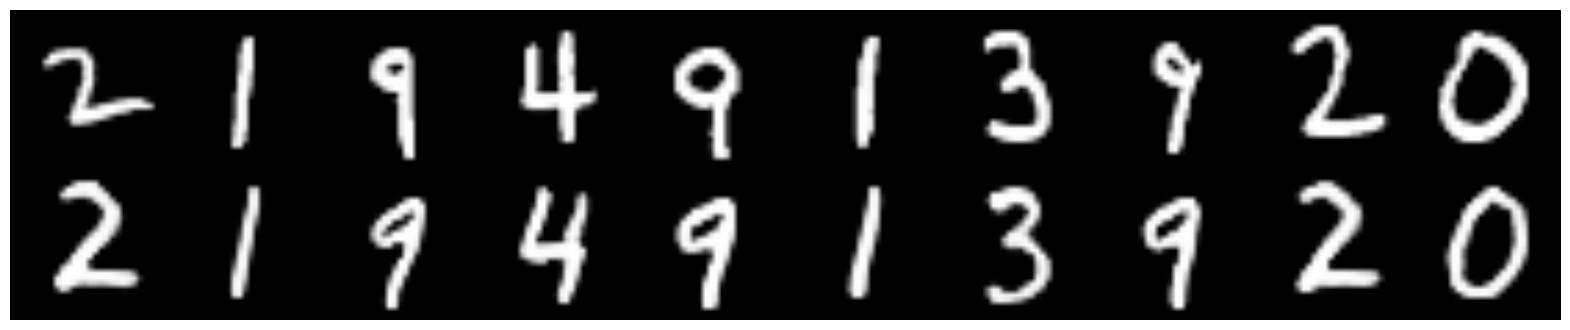 Автоэнкодеры в Keras, Часть 6: VAE + GAN - 69